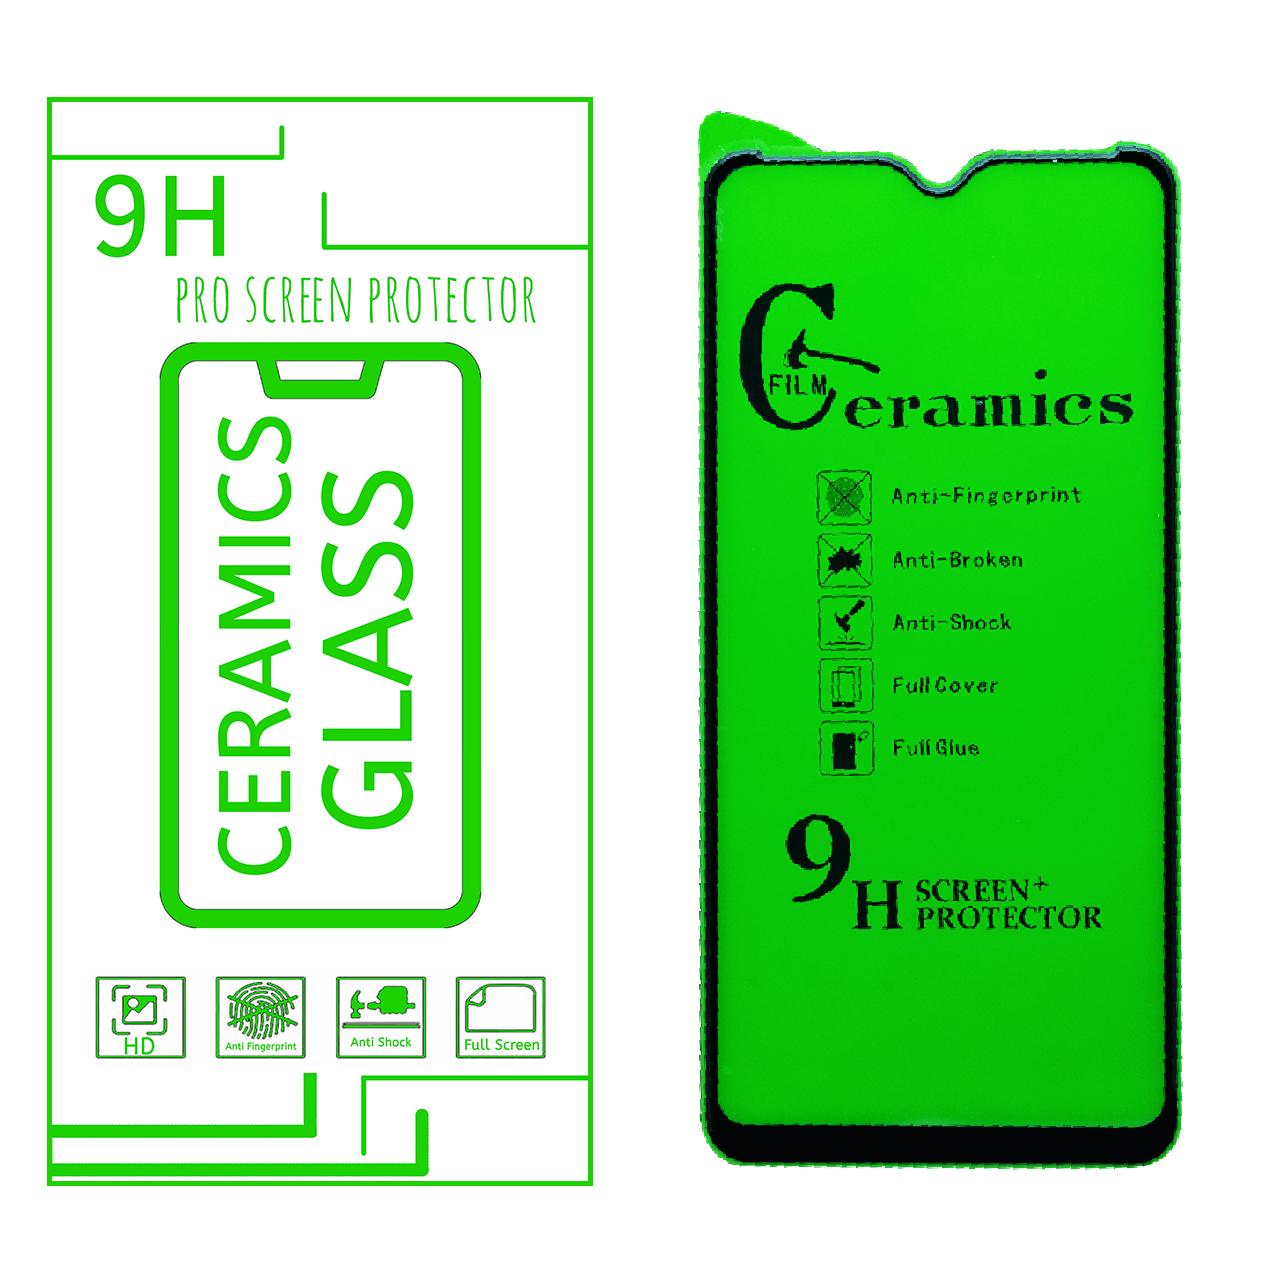 محافظ صفحه نمایش مدل CH9 مناسب برای گوشی موبایل سامسونگ Galaxy A70/A70S